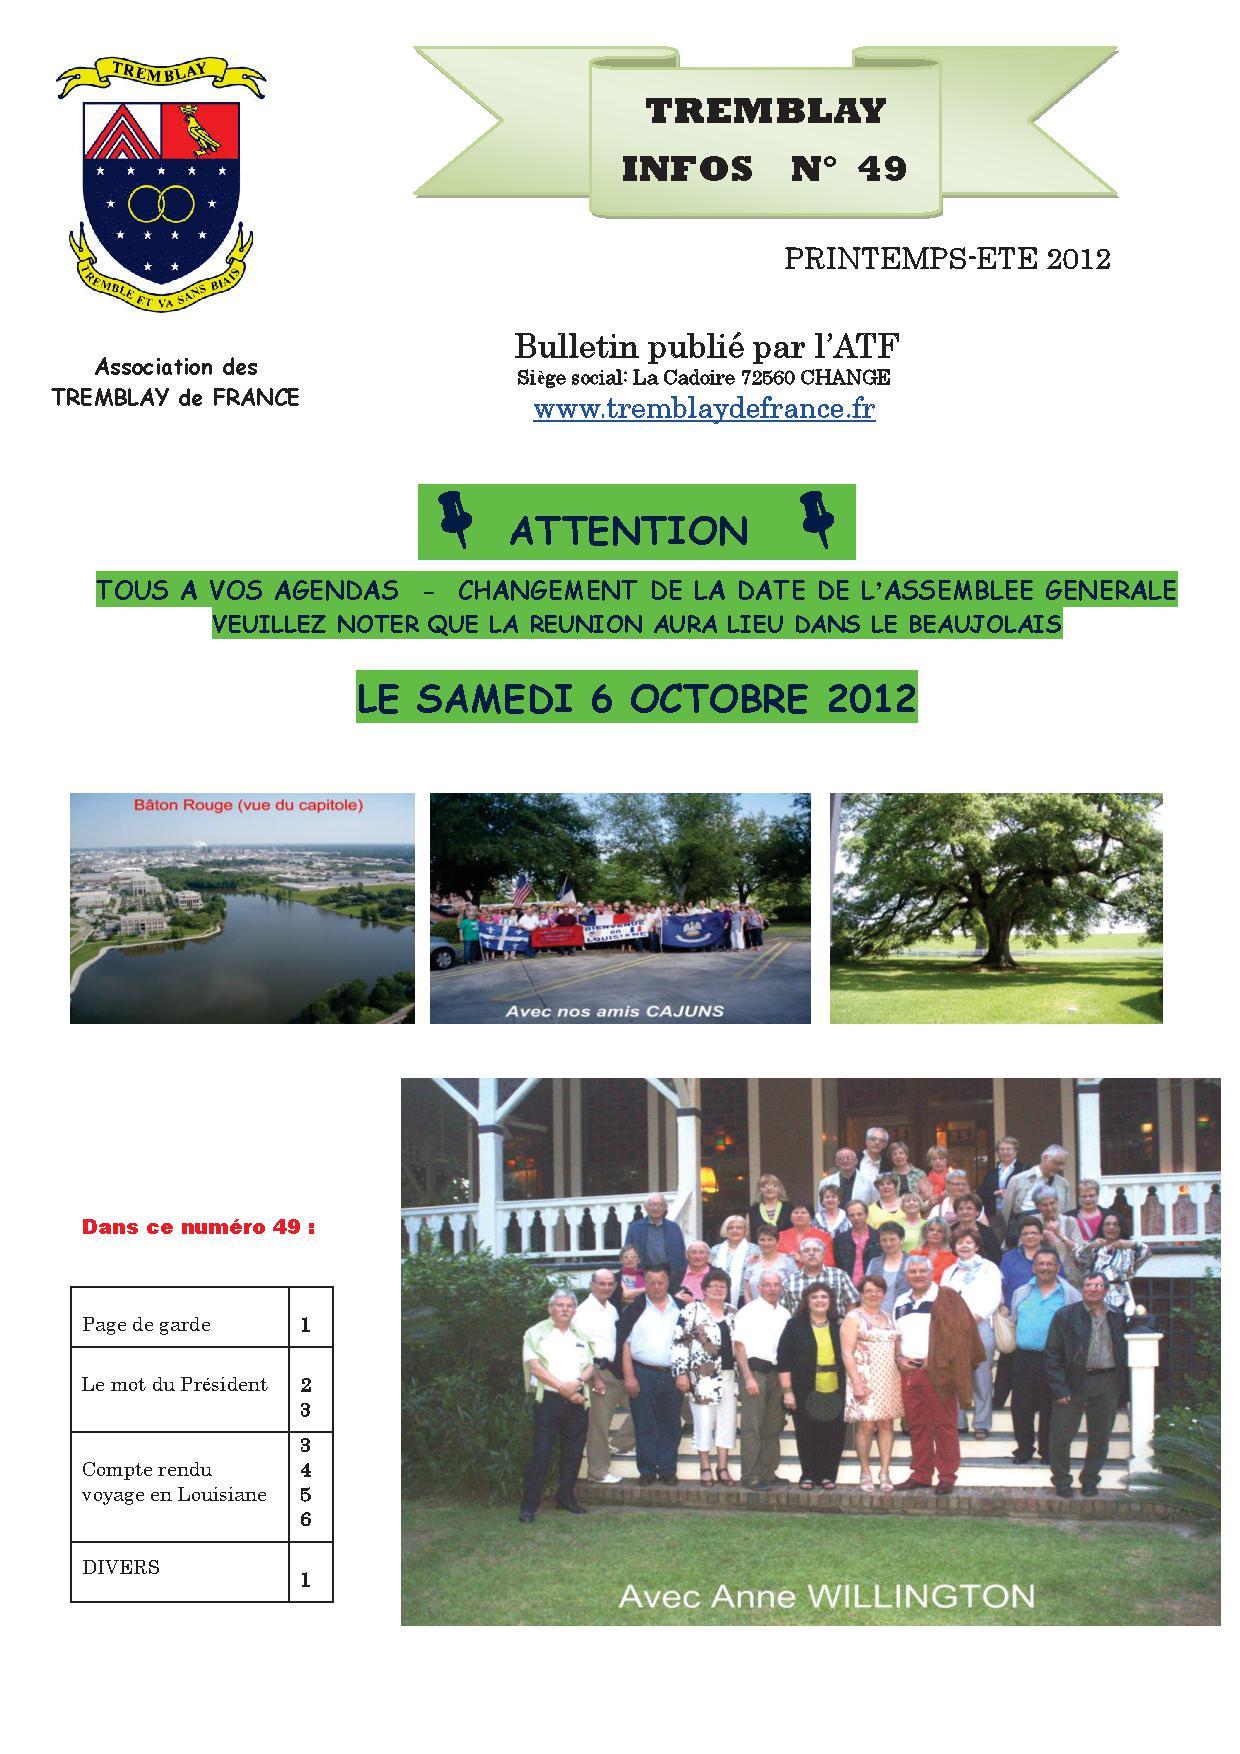 PRINTEMPS - ETE 2012